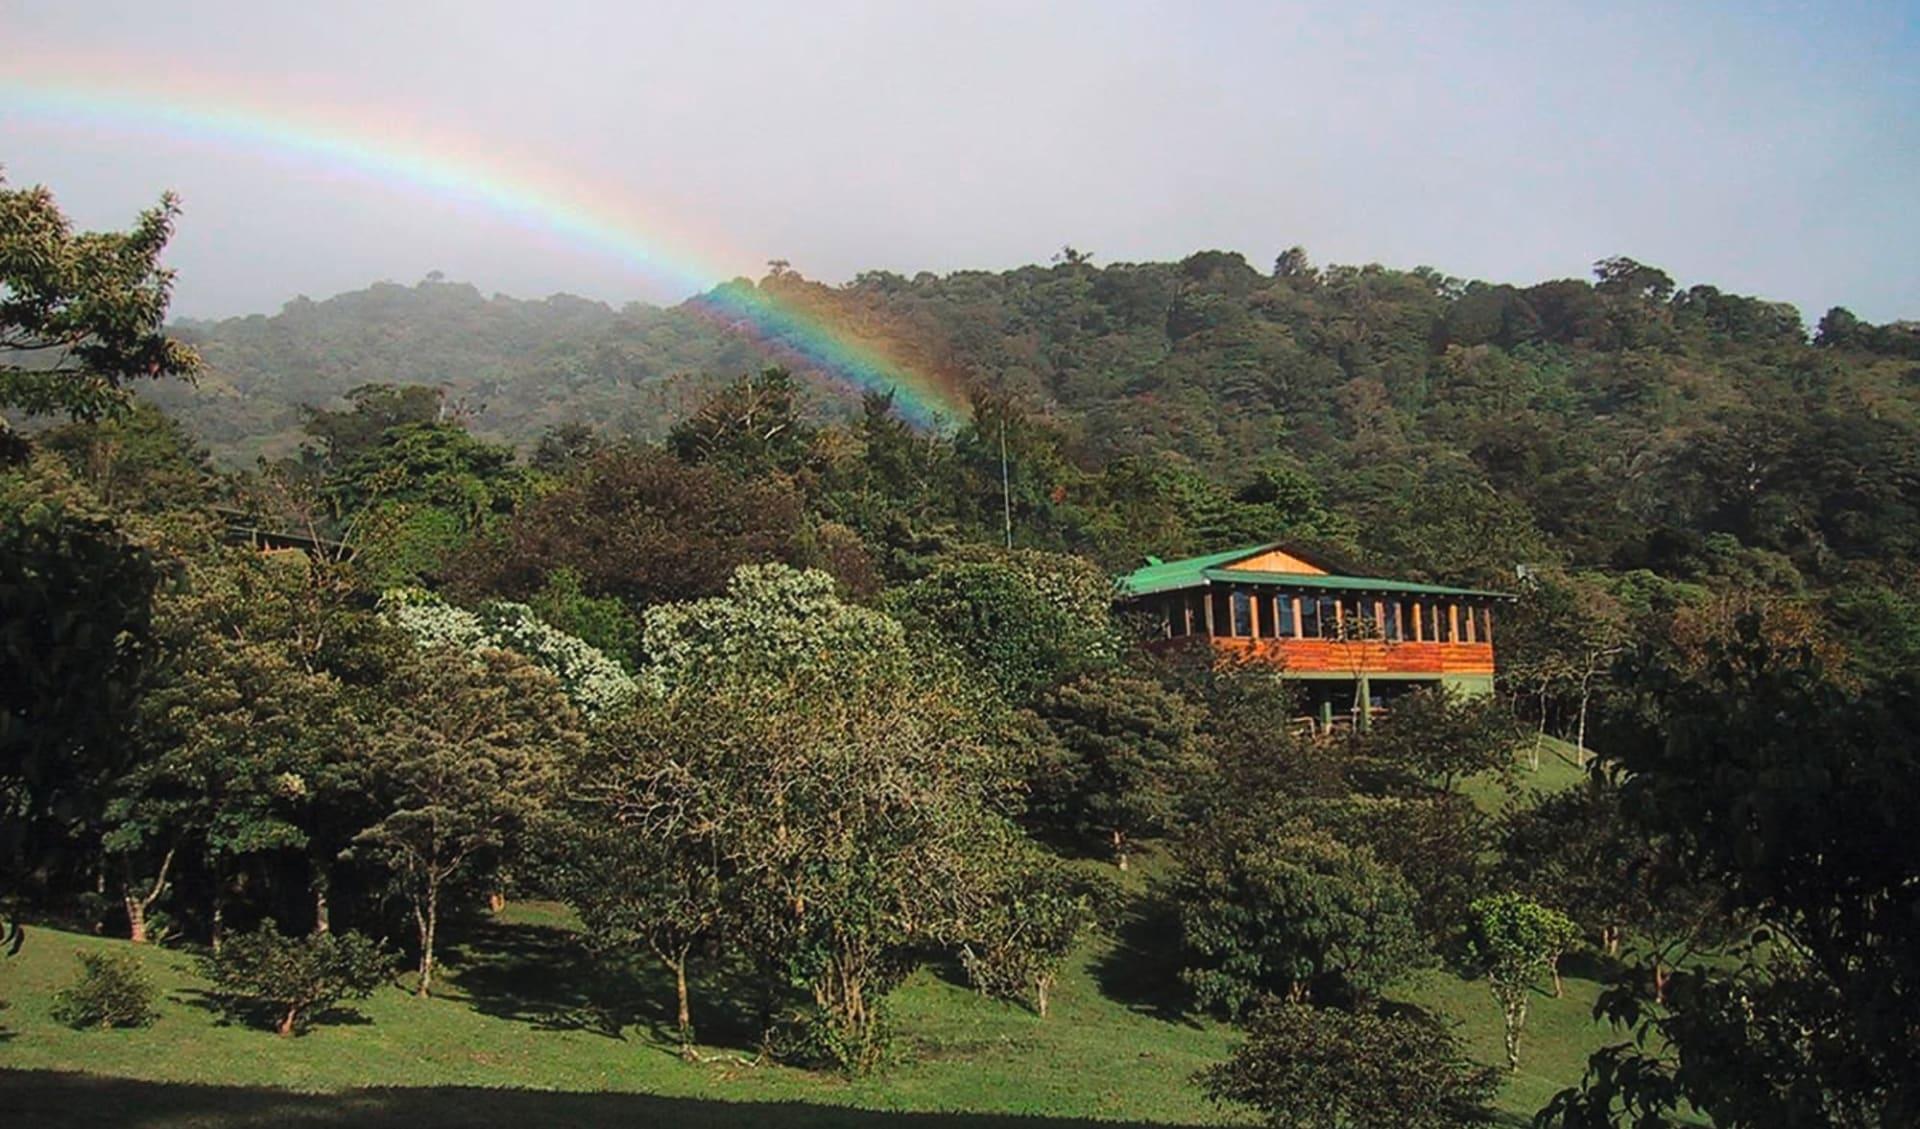 Mietwagenreise Costa Rica für die Familie ab San José City: natur cloud forest lodge wald regenbogen